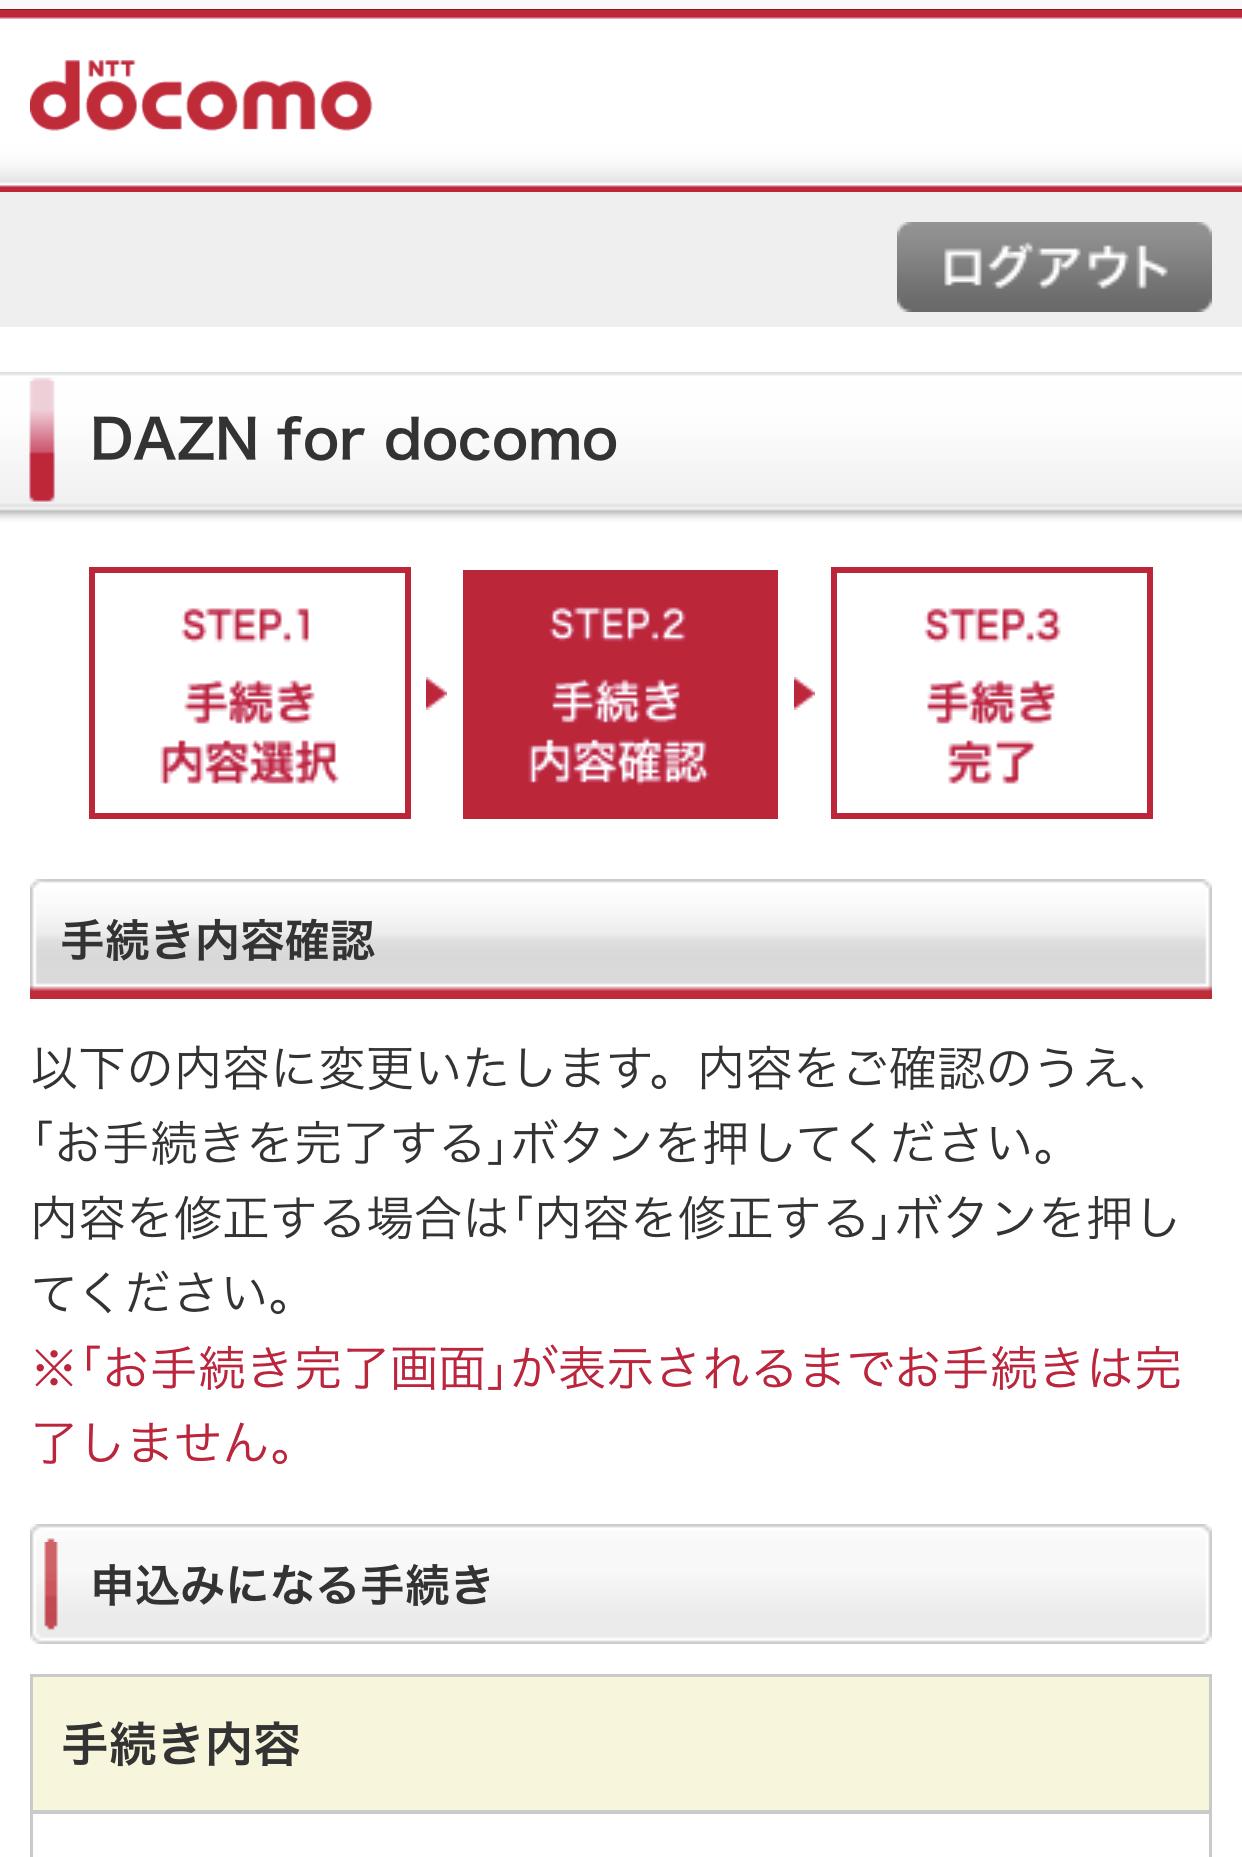 DAZN for docomoの解約手続き内容